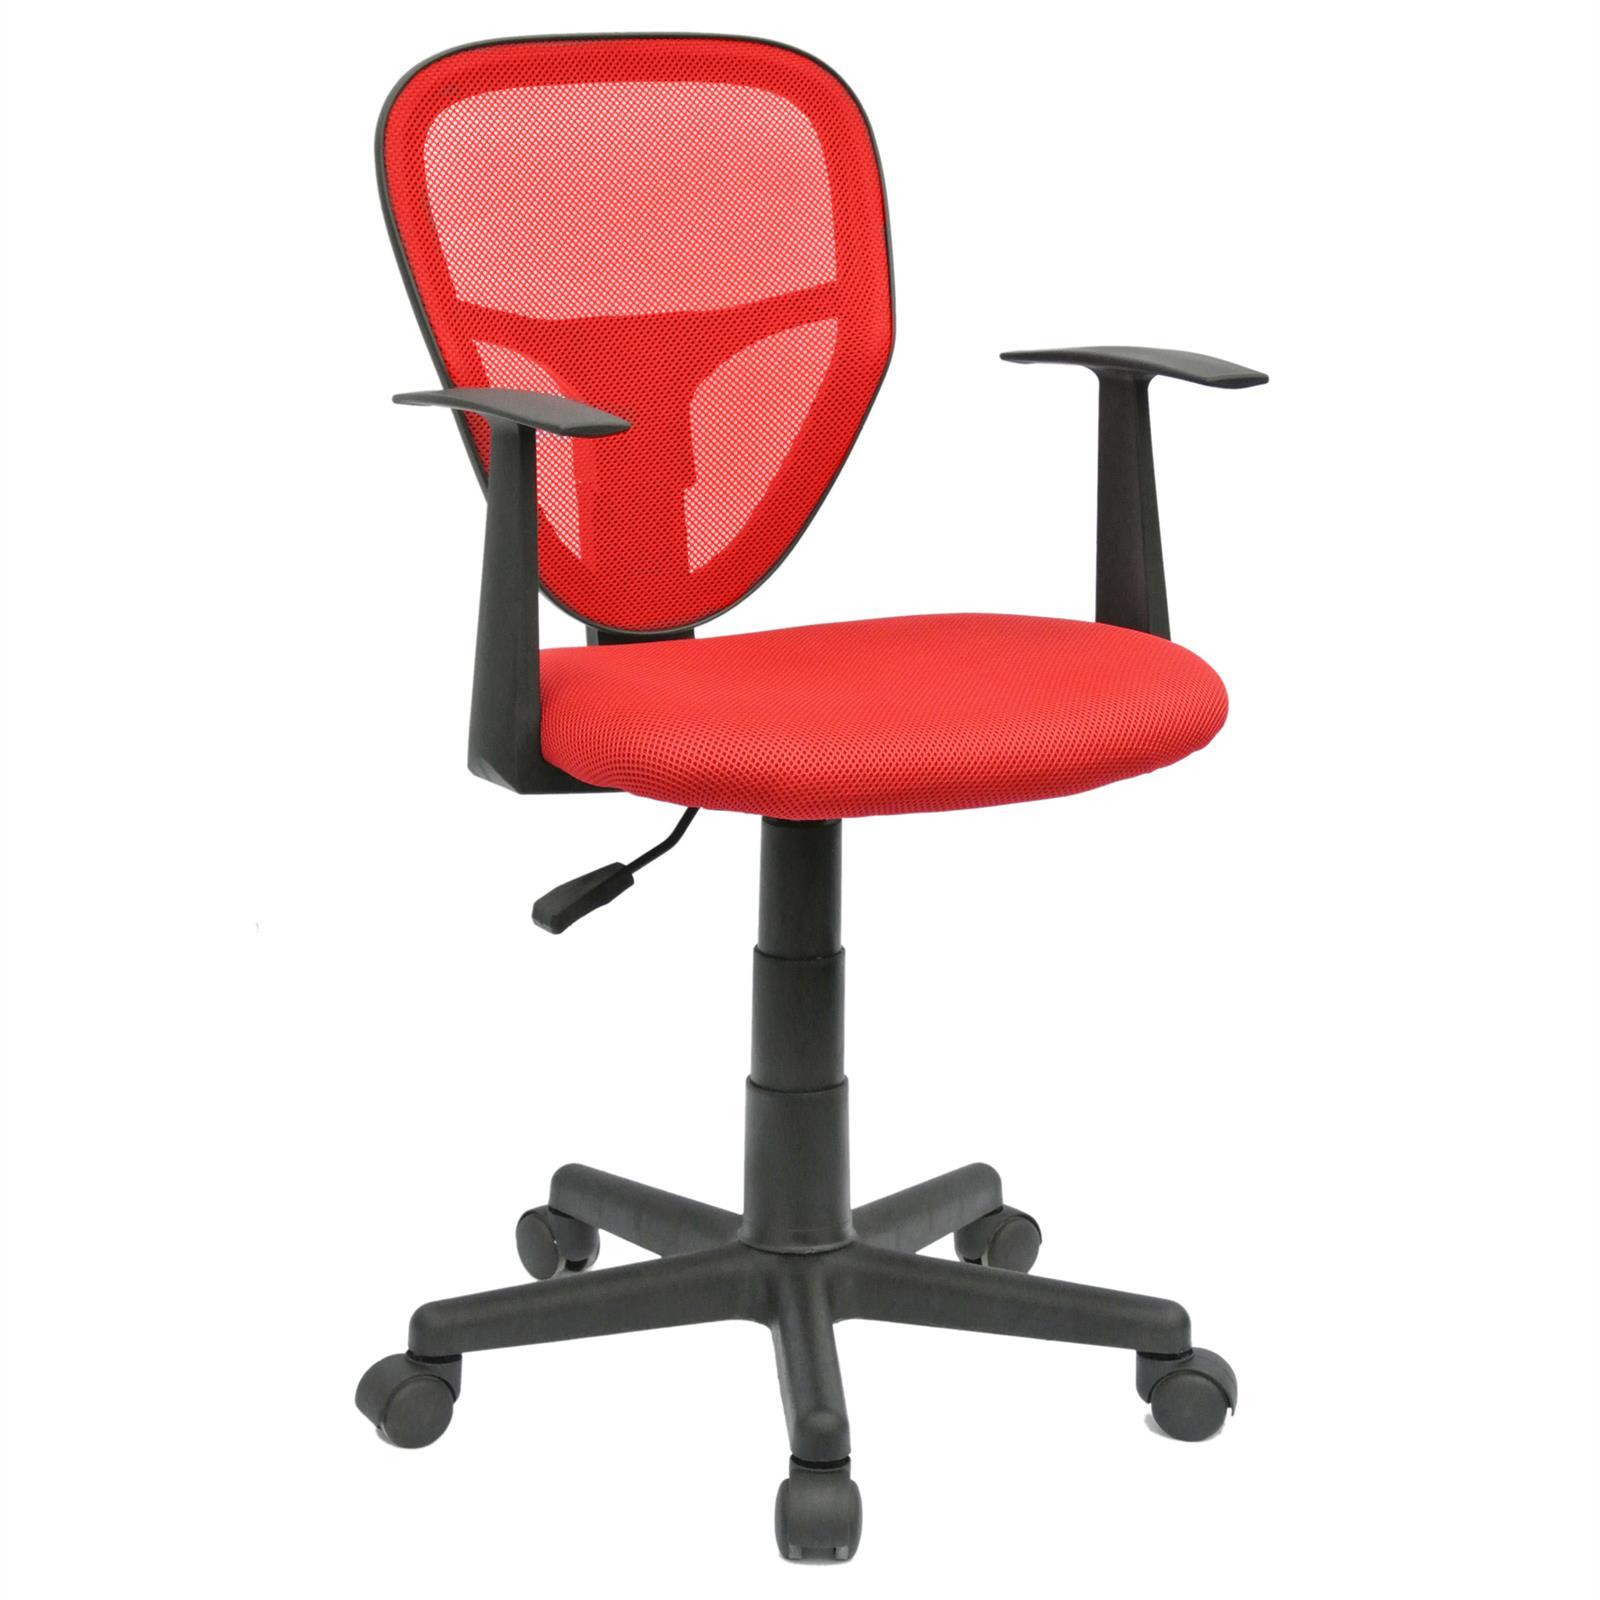 chaise de bureau pour enfant studio rouge mobil meubles. Black Bedroom Furniture Sets. Home Design Ideas